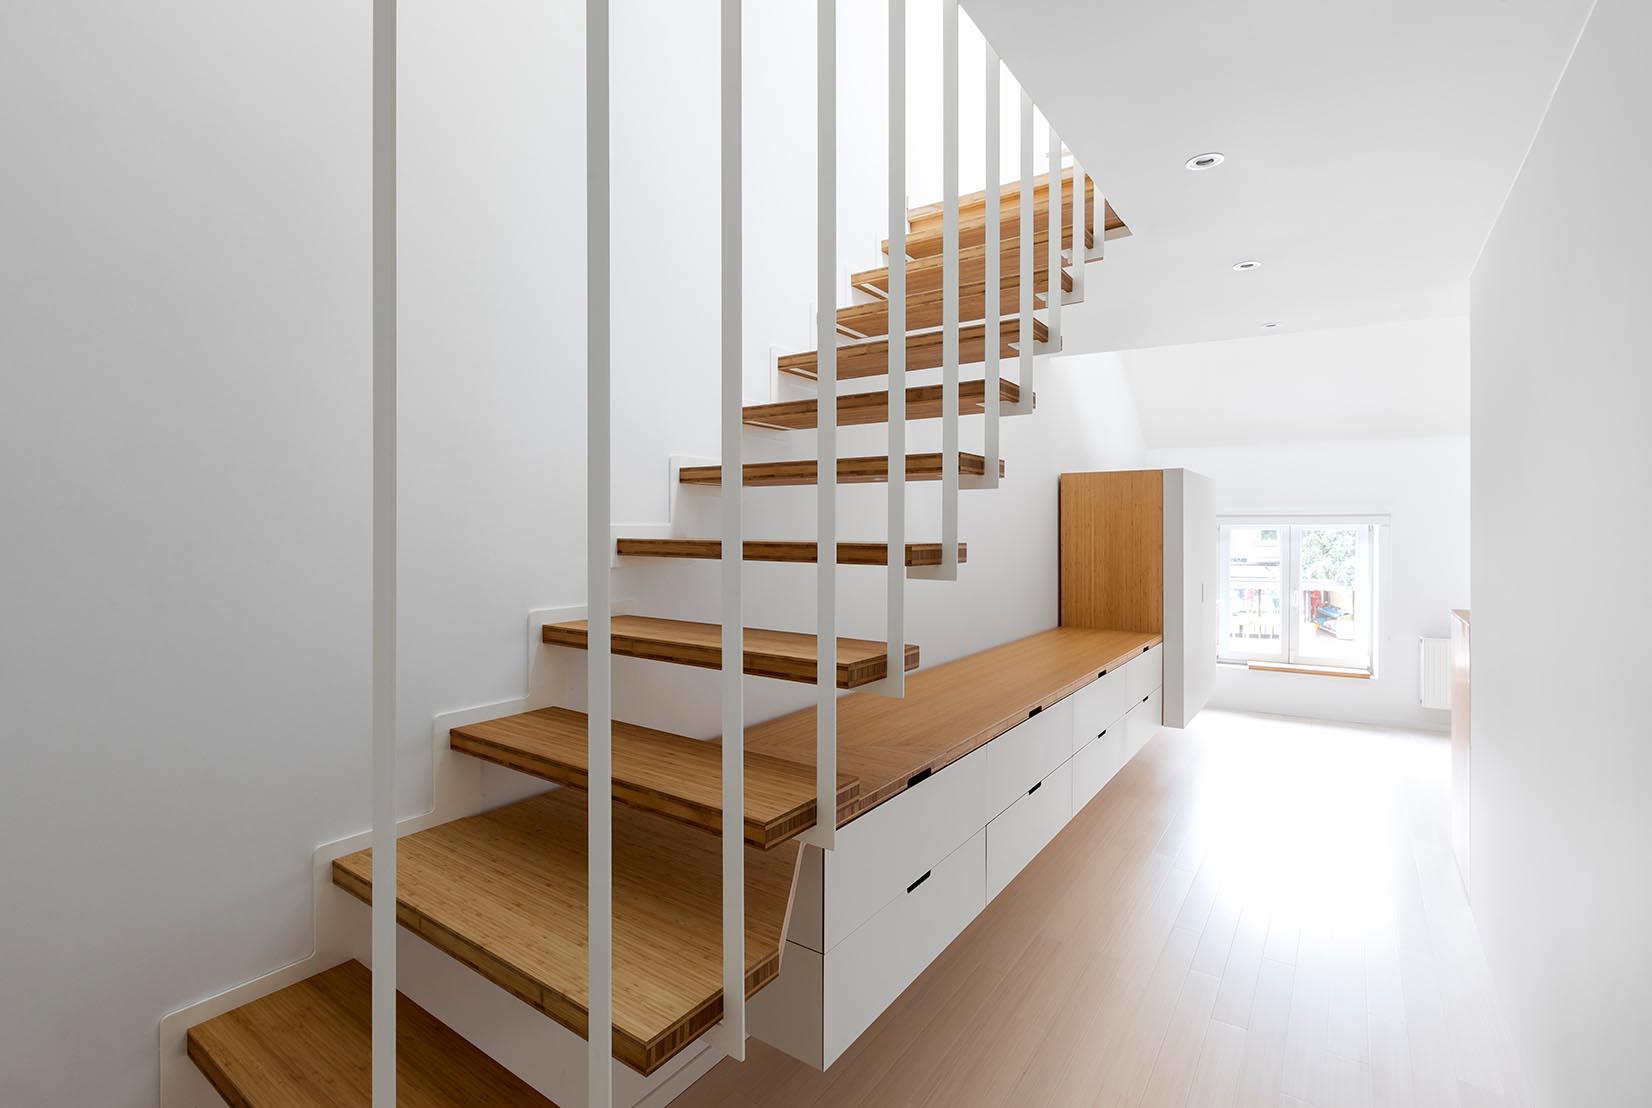 Escalier Dans La Maison l'escalier : un atout décoratif dans la maison